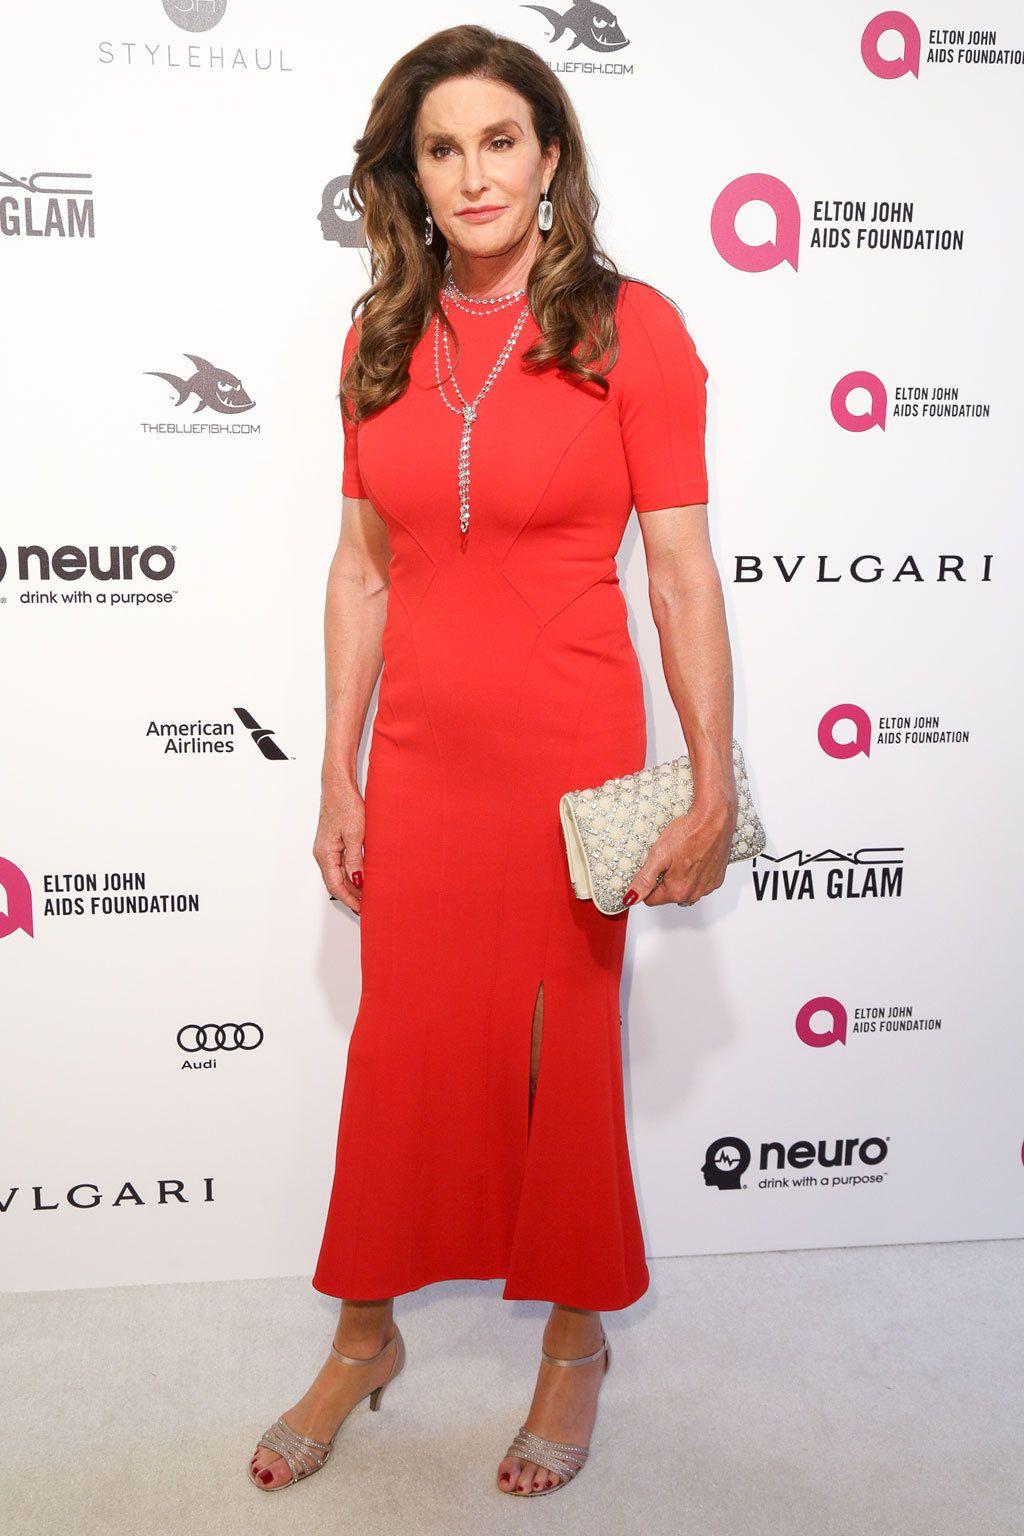 <p>&nbsp&#x3B;La 'celebrity' <strong>Caitlyn Jenner</strong> acudió a la fiesta con un vestido rojo de <strong>Zac Posen</strong>.&nbsp&#x3B;</p>